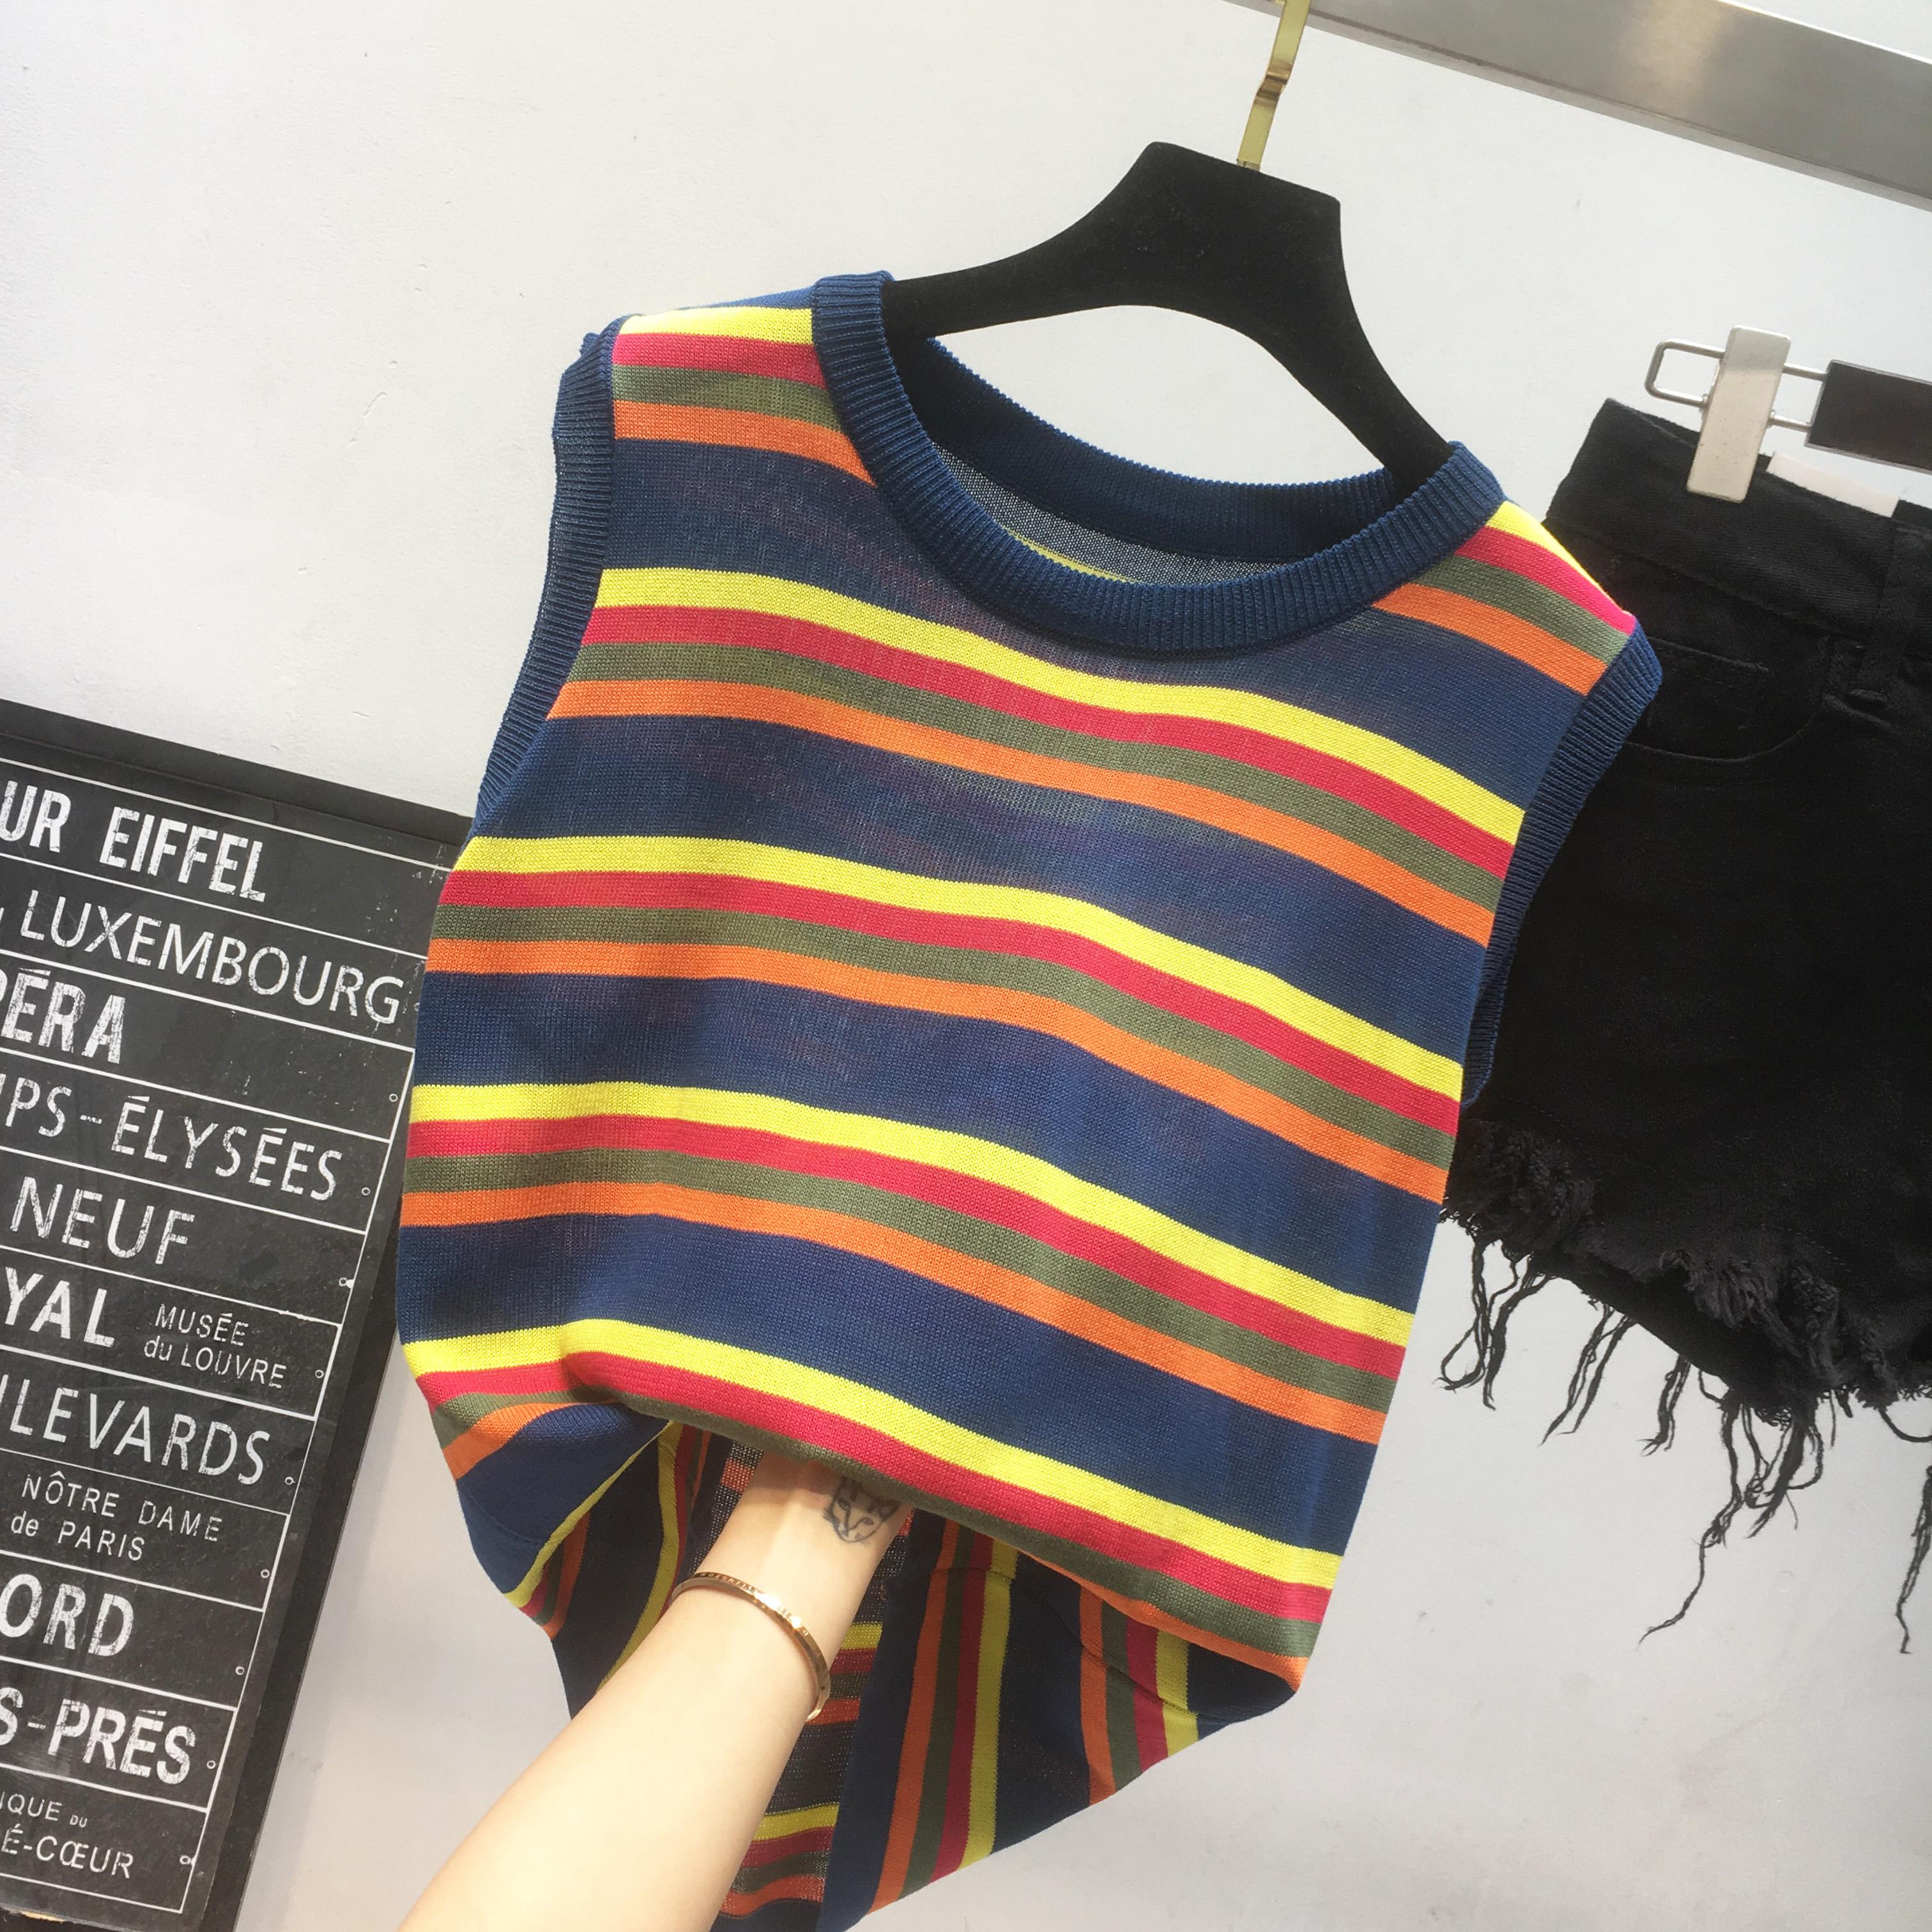 彩虹冰丝无袖背心夏上衣女学生韩版撞色条纹宽松百搭复古针织T恤